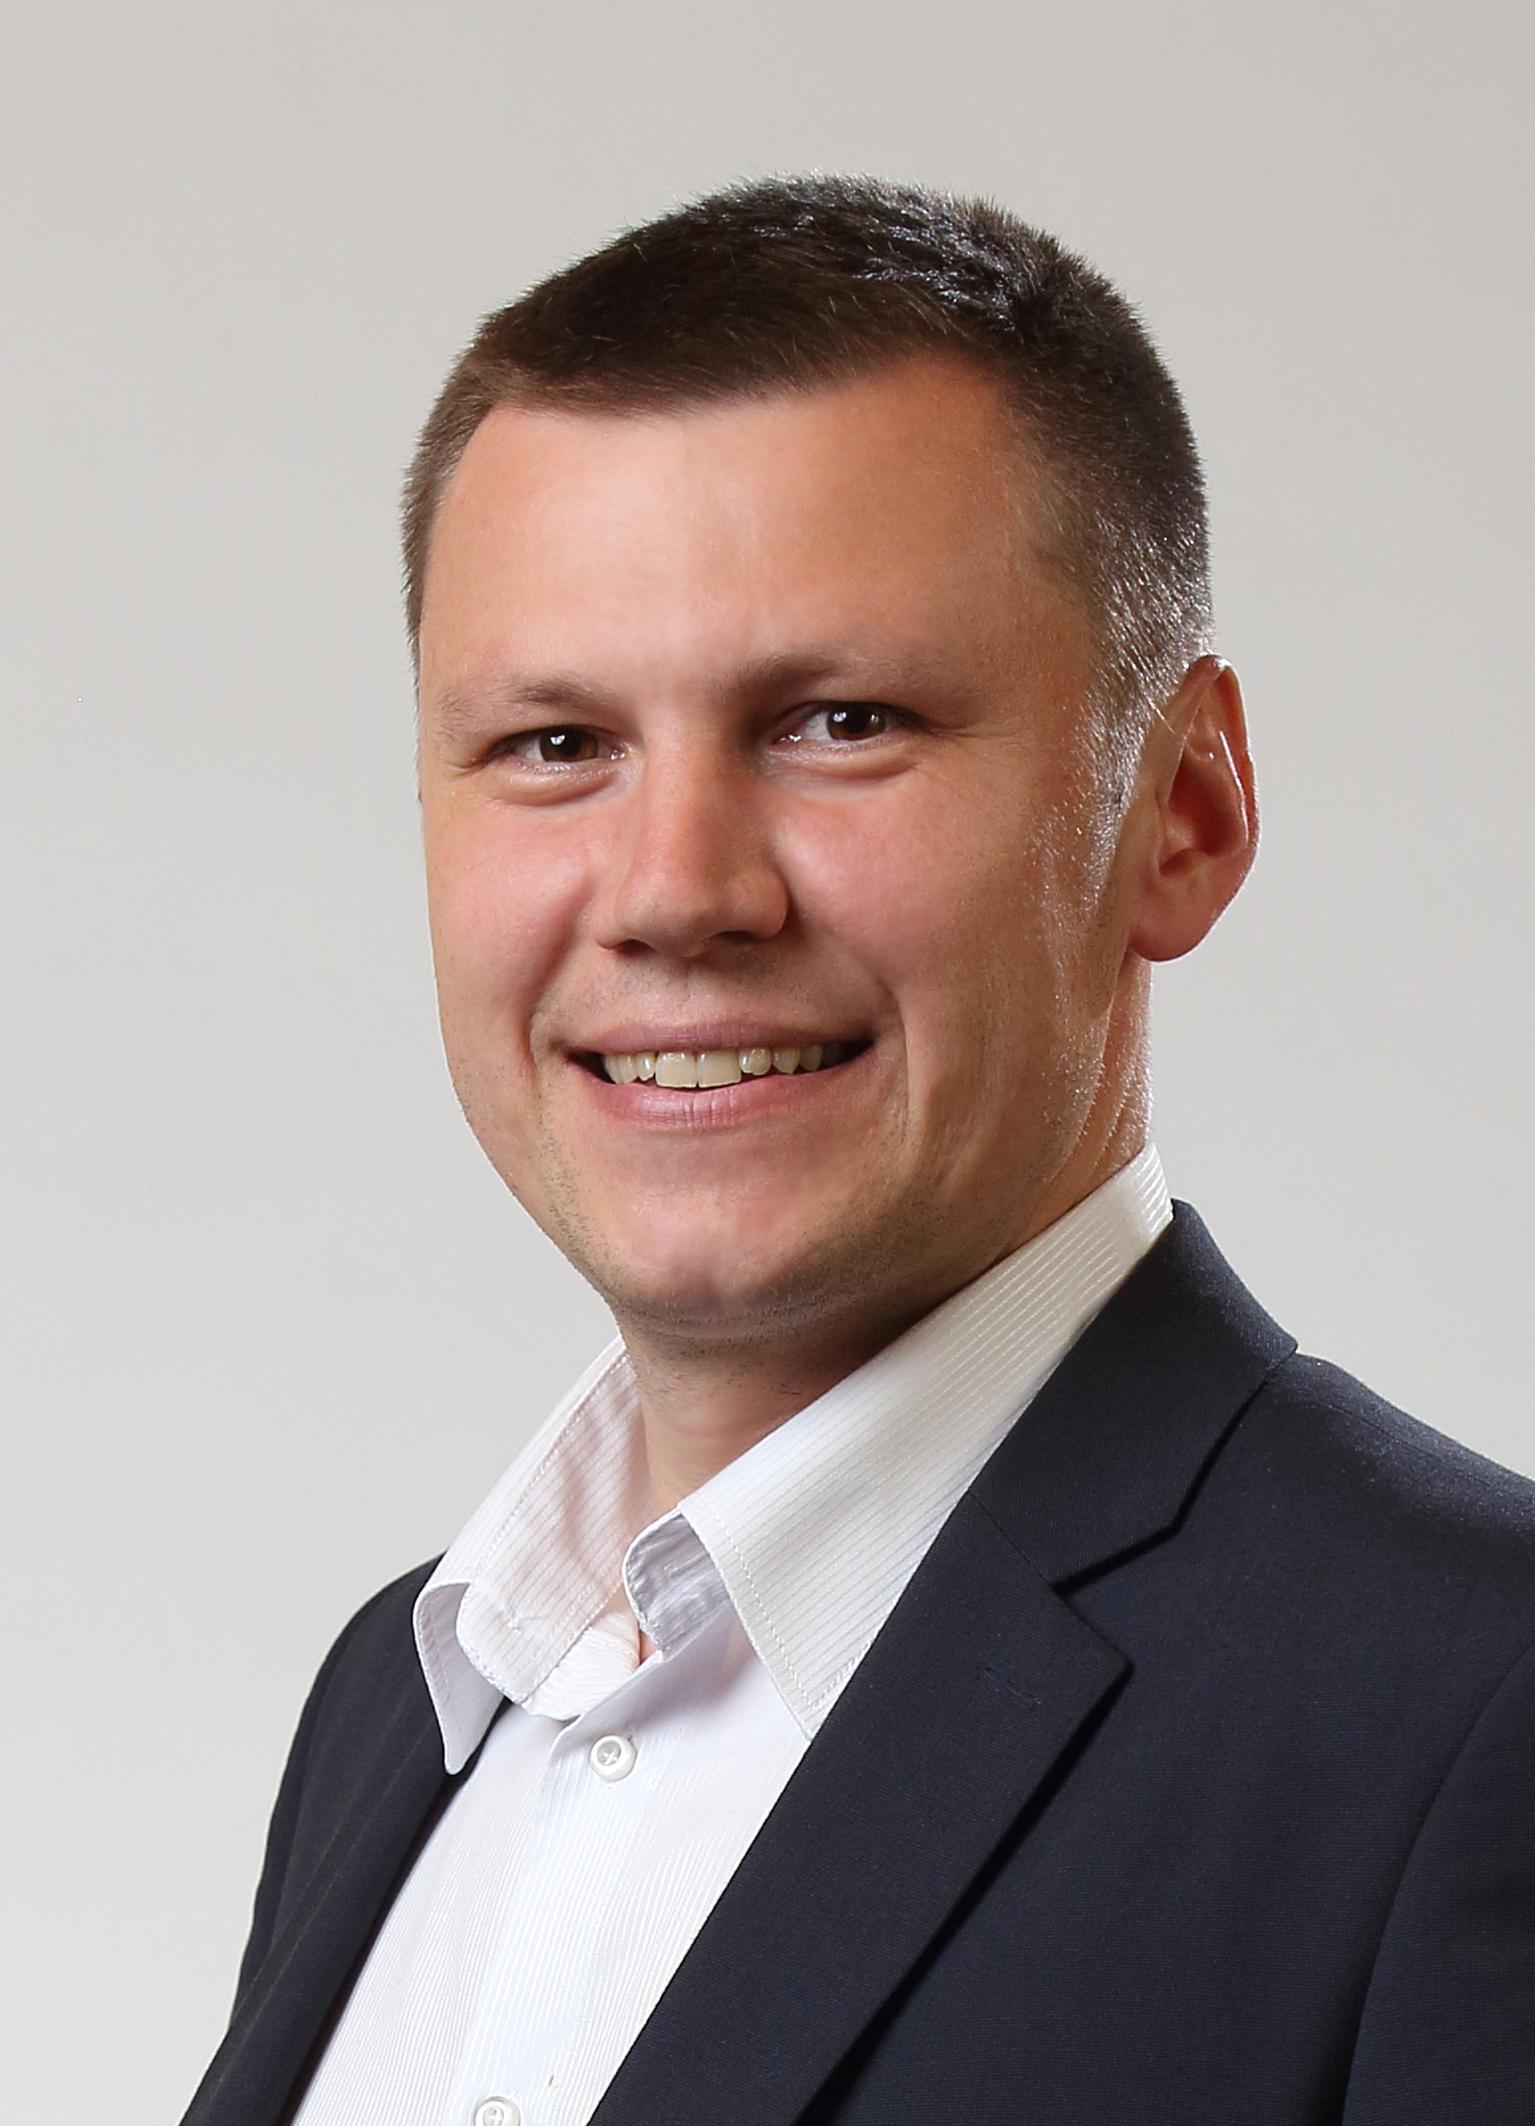 Jiří Těhník